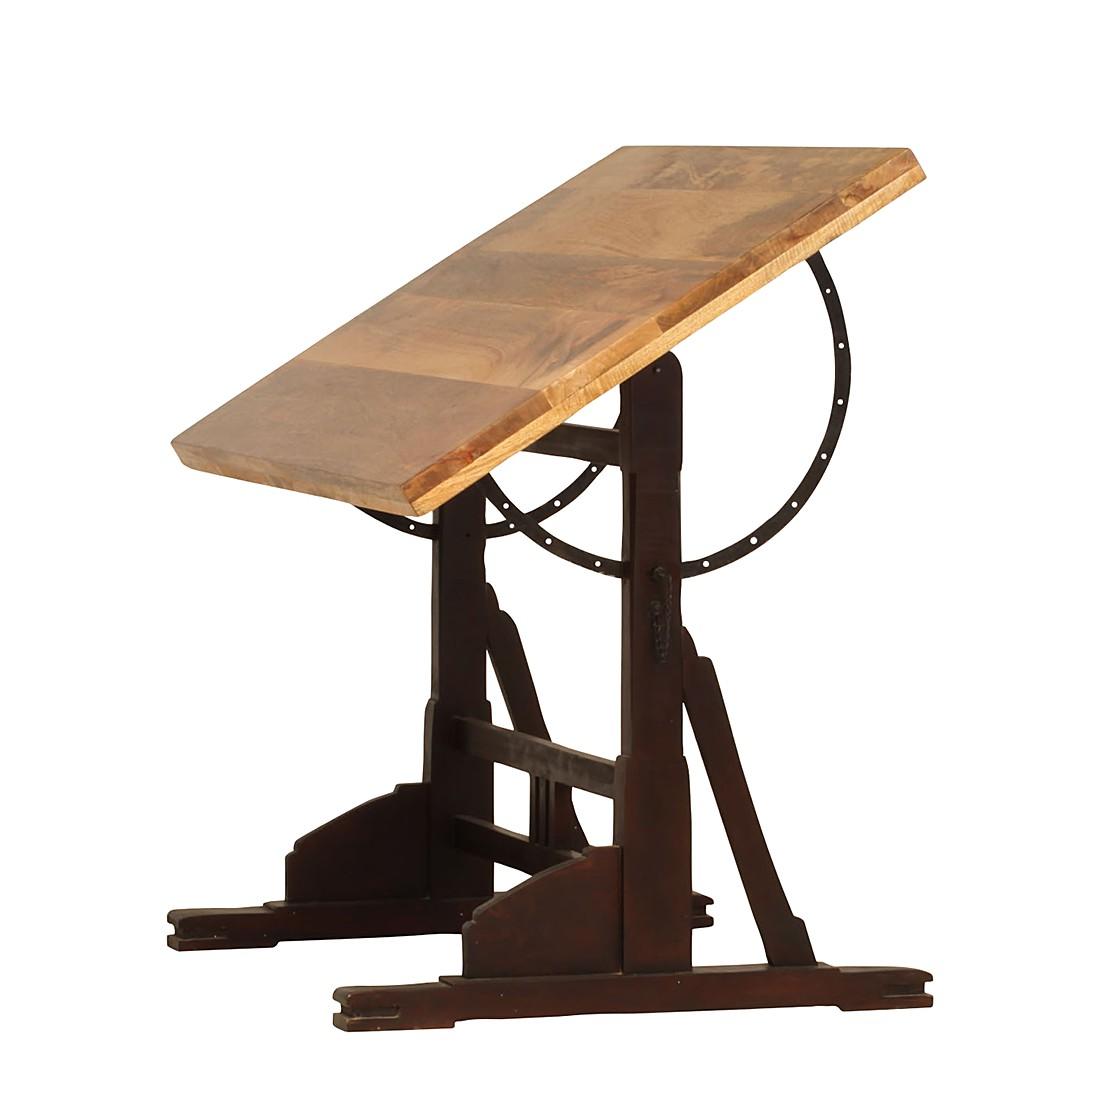 Home 24 - Table à dessin script - manguier massif - teinté et verni, furnlab